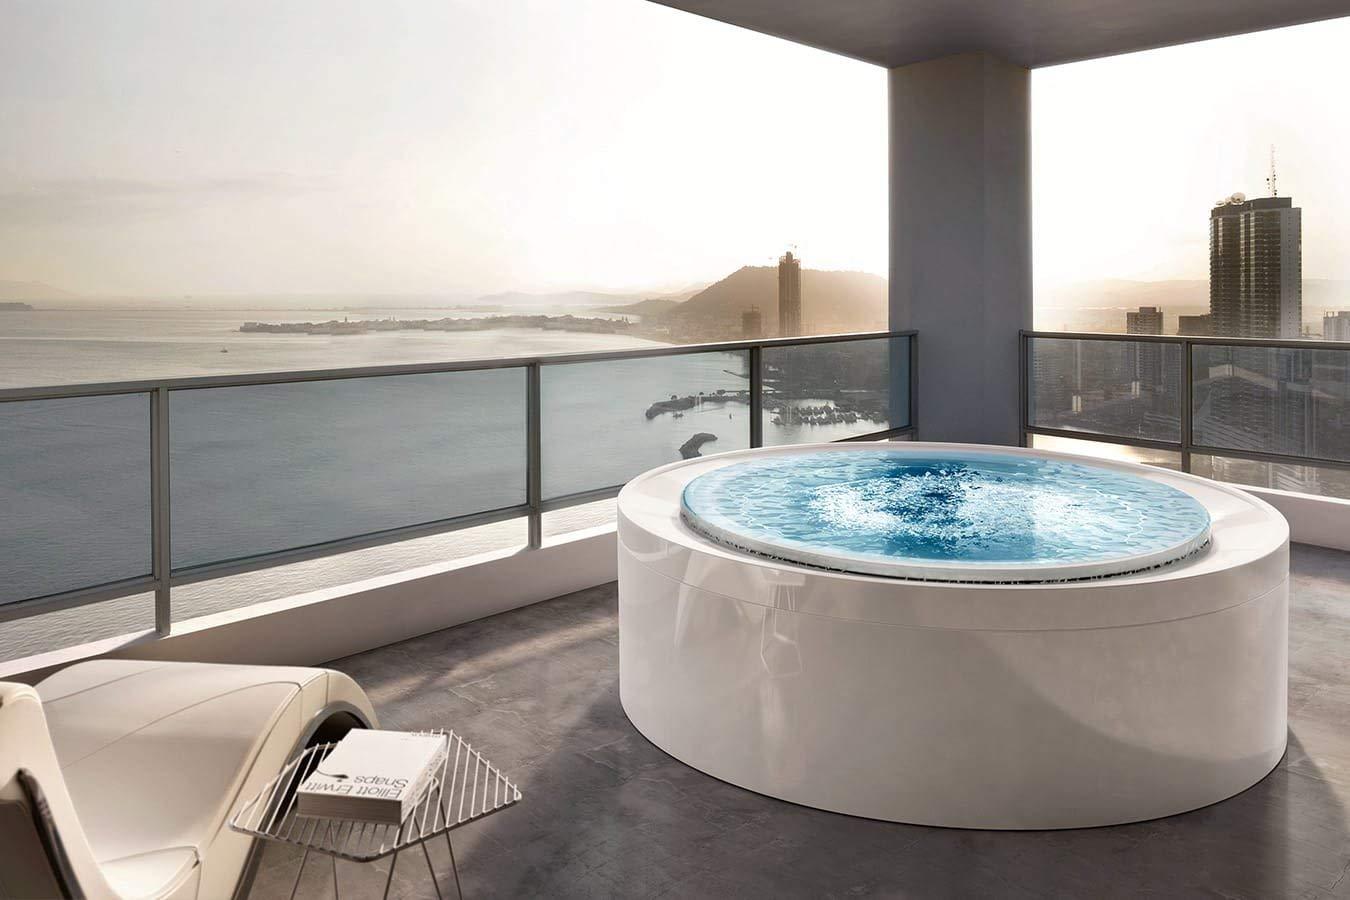 Fusion 200 Whirlpool Bathtub